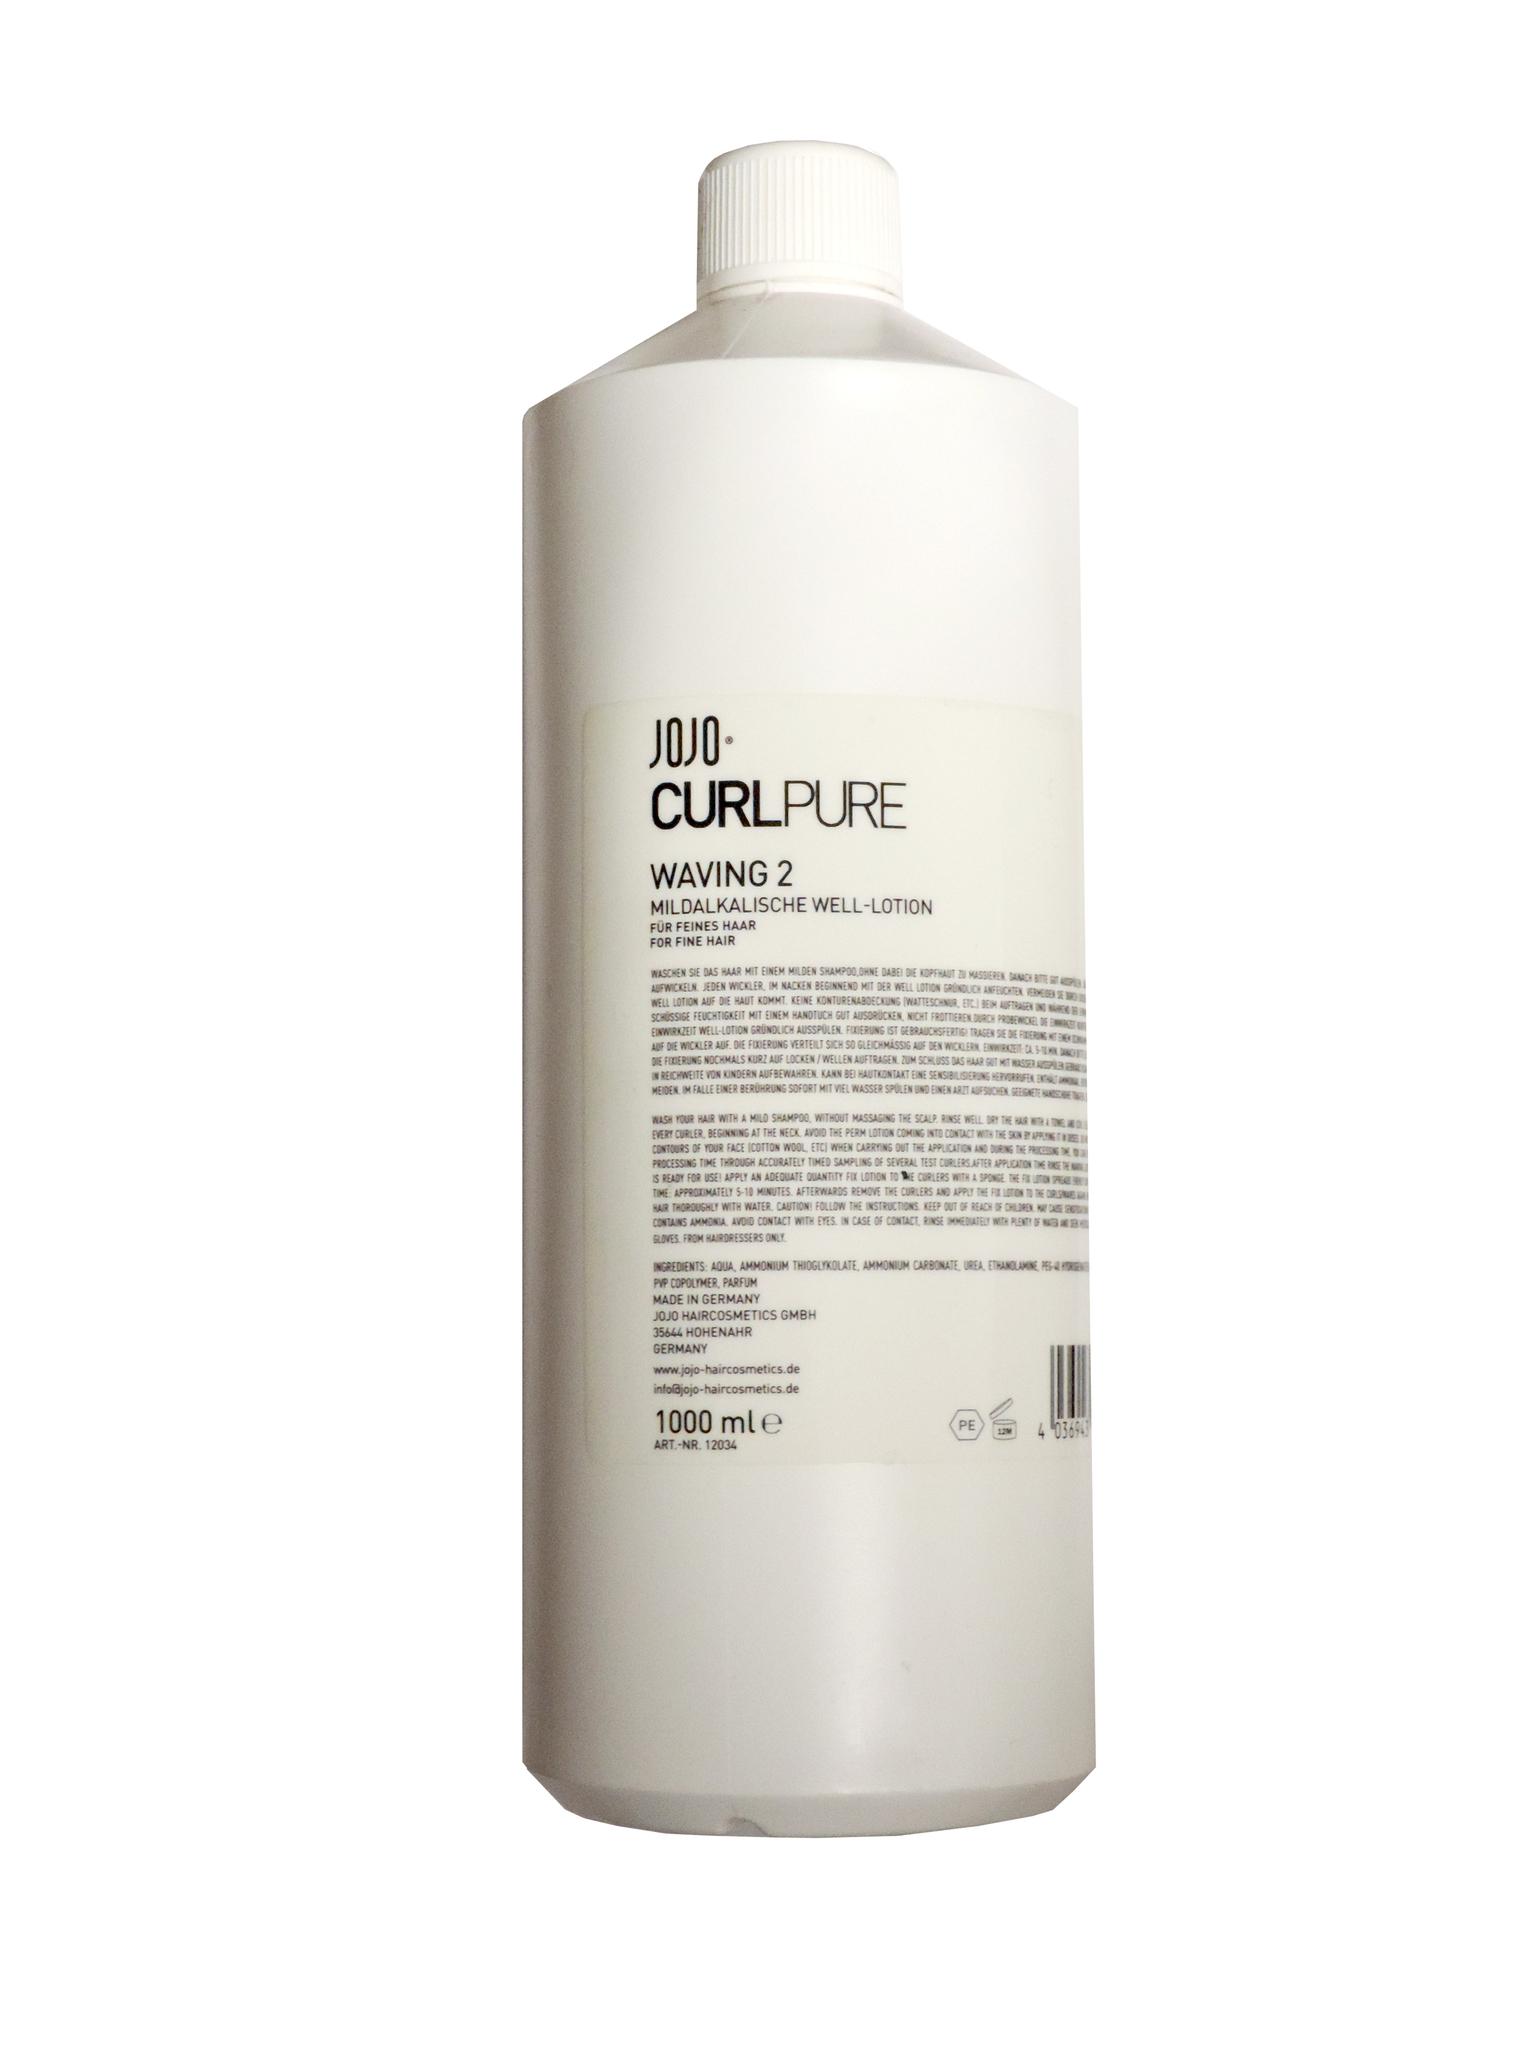 Средство для химической завивки с мягким эффектом для окрашенных волос, Waving 2, 1000 мл